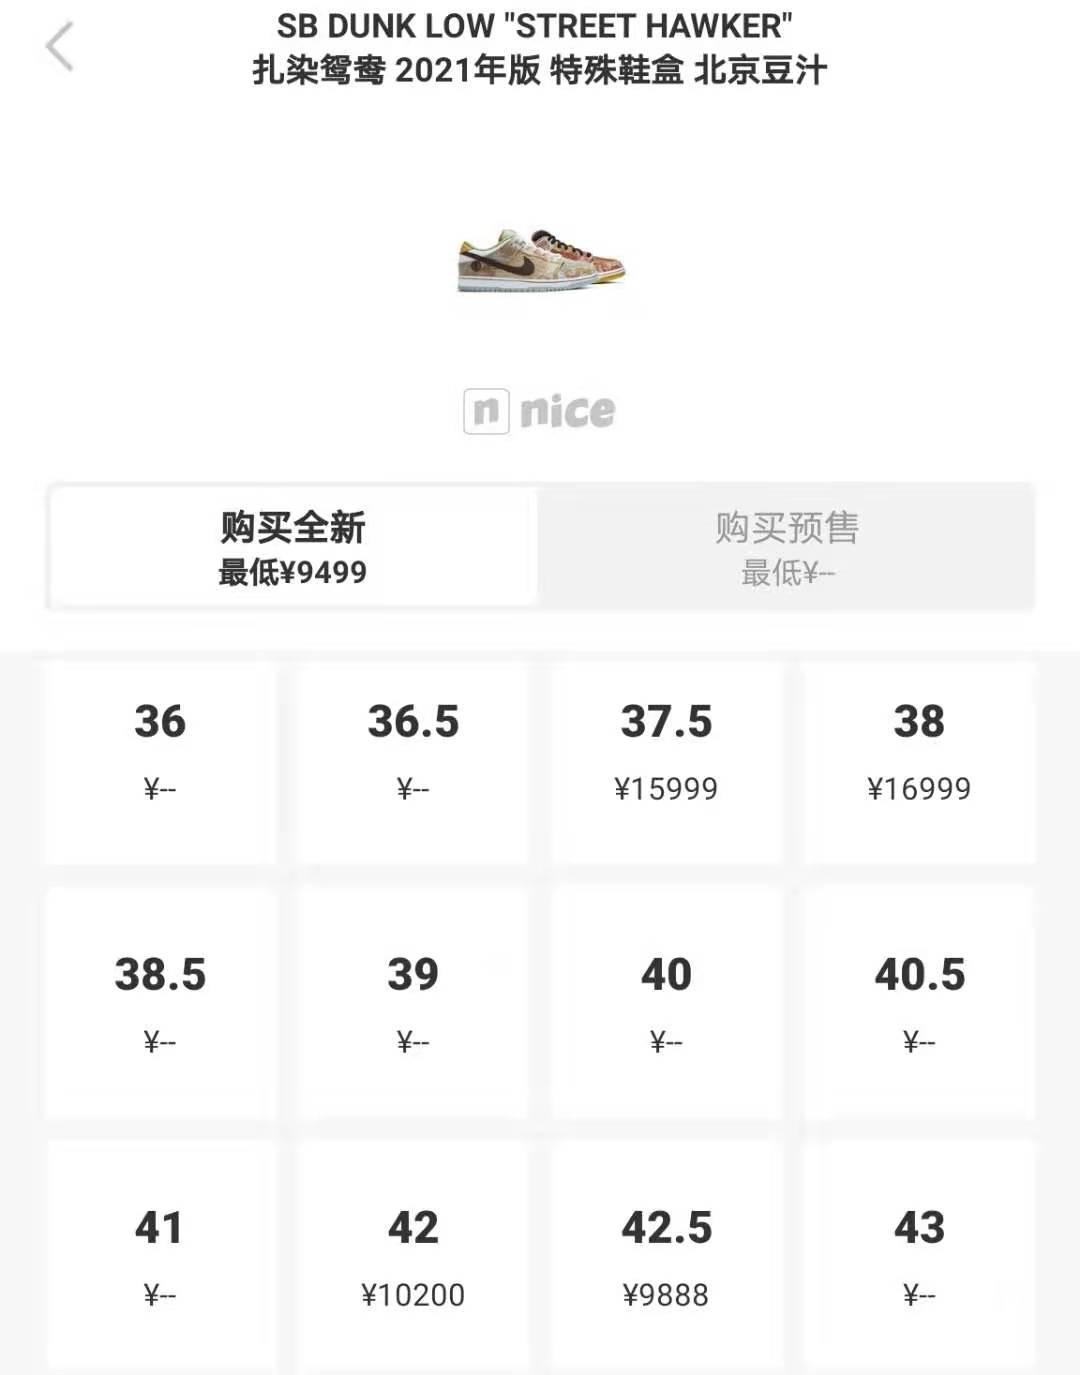 食神Dunk信息泄露! 骗人能升级特殊鞋盒转头取消订单!